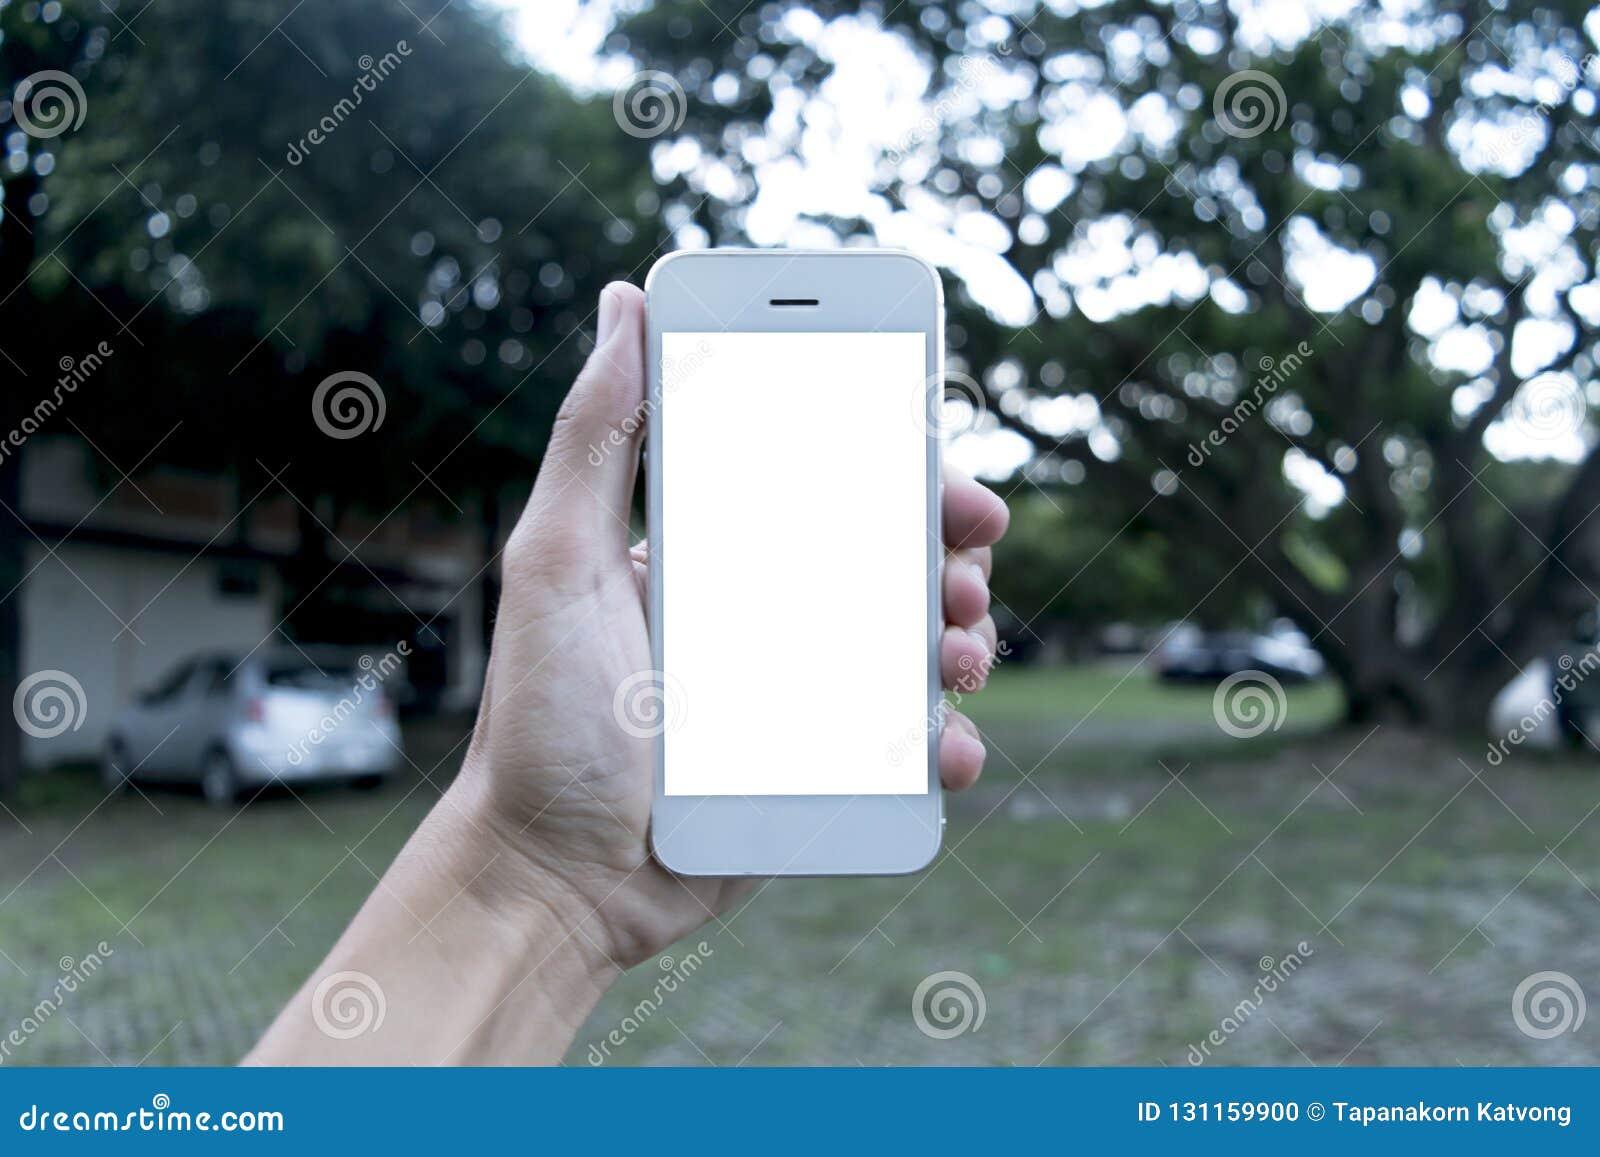 Ο νεαρός άνδρας χρησιμοποιεί το κινητό τηλέφωνό του για να πάρει τις εικόνες των μνημών του και να τις δει στο μέλλον